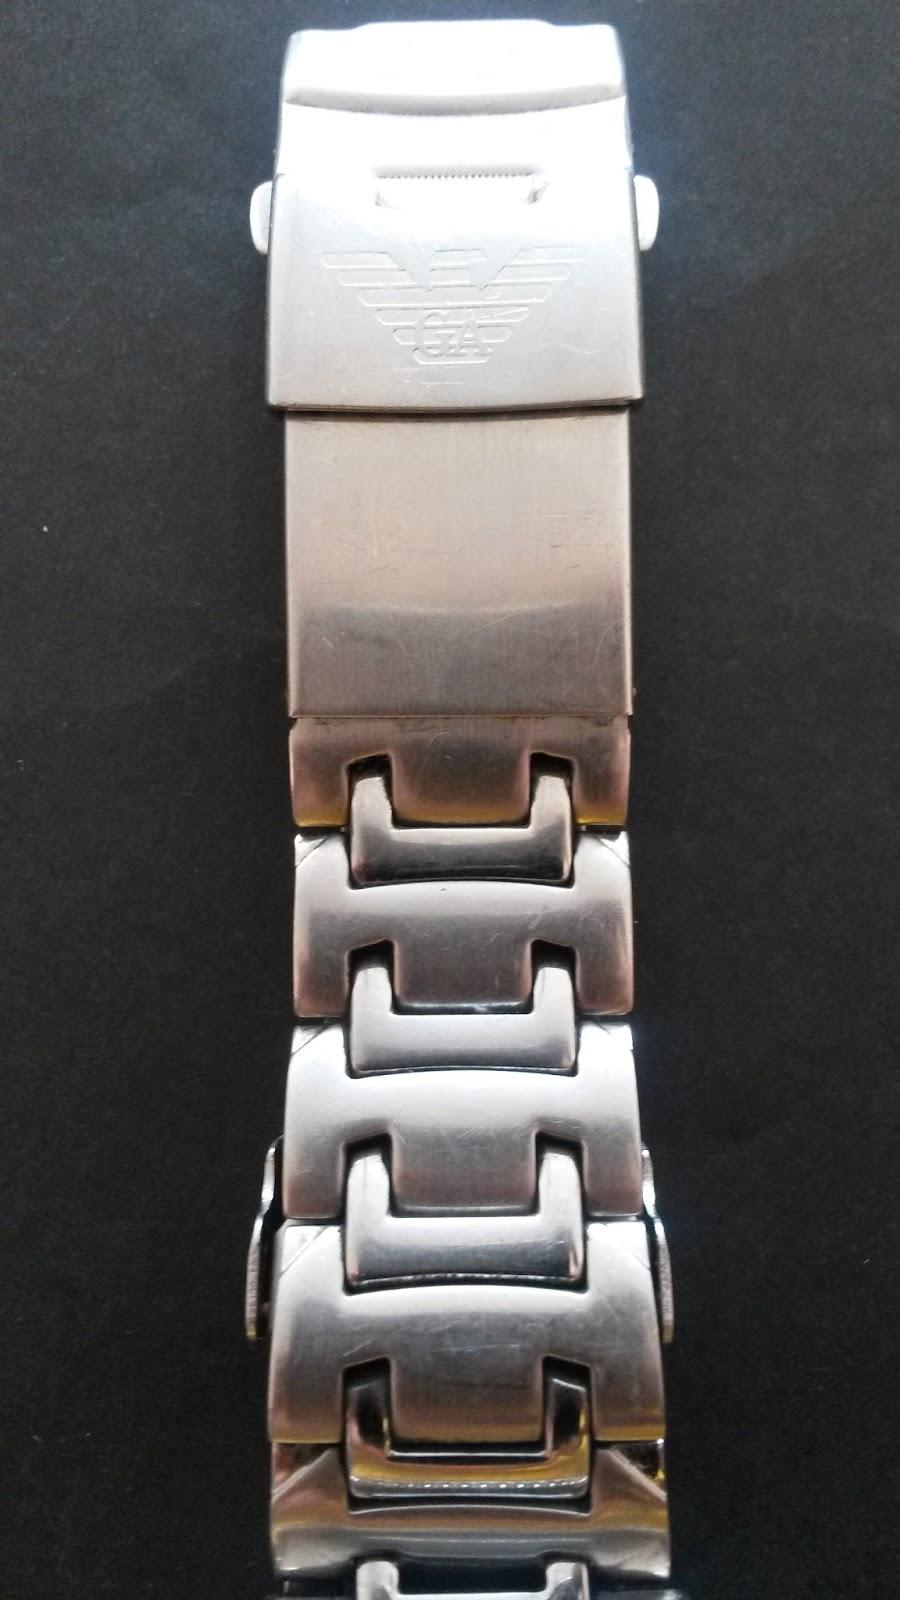 66c62862769 Relógio original com caixa a pulseira em aço inoxidável e a prova d água.  Vou fazer uma limpeza geral